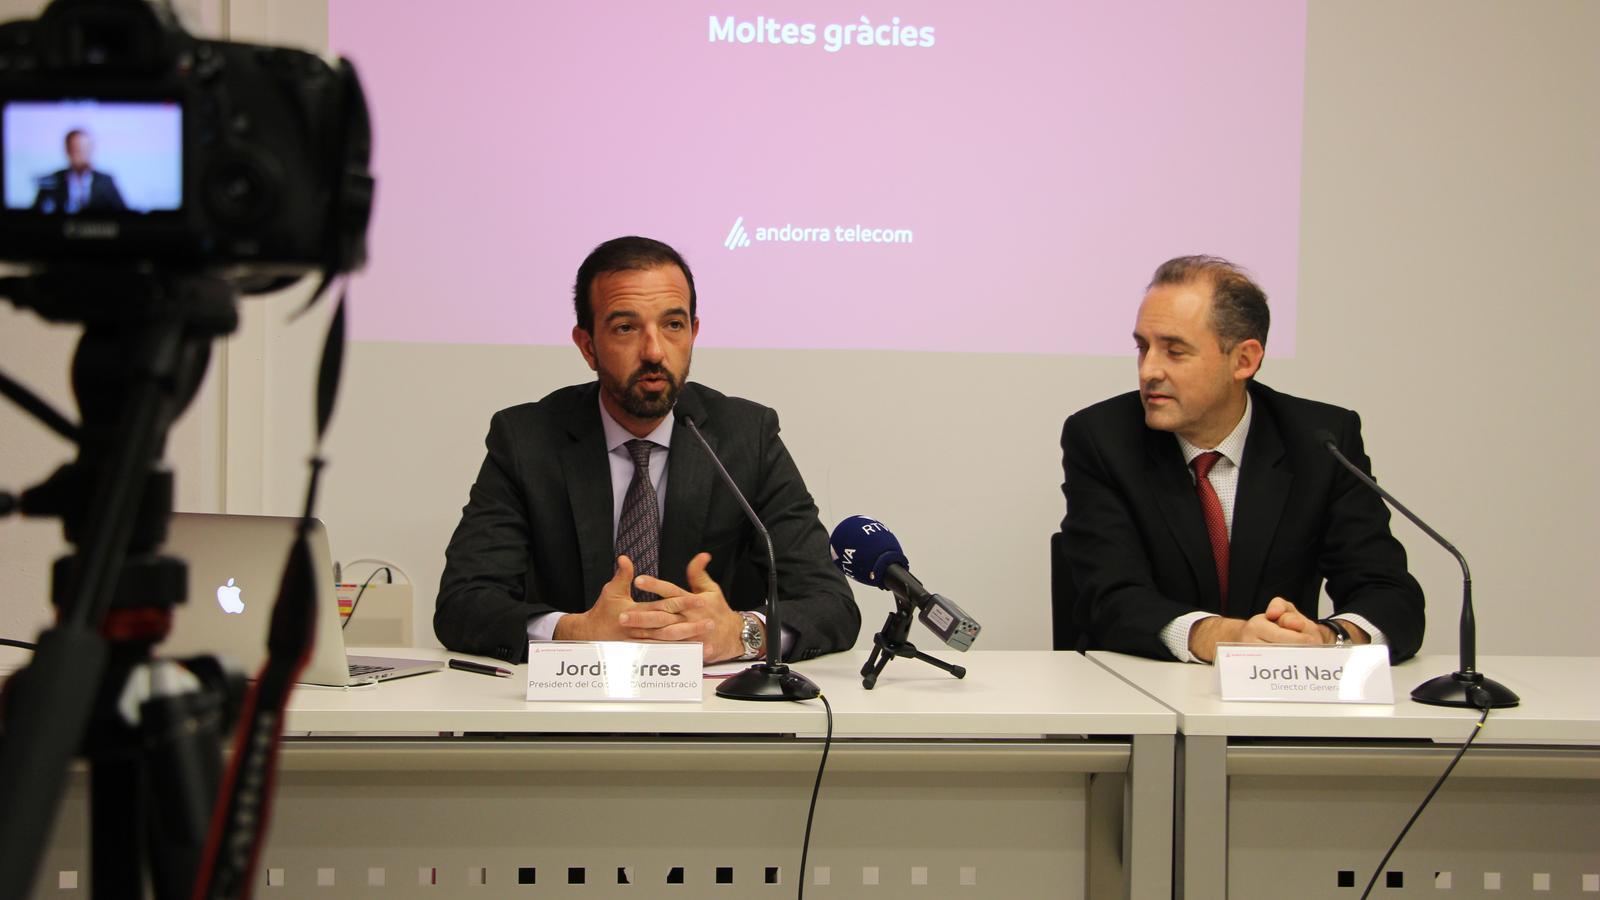 El ministre d'Ordenament Territorial, Jordi Torres, i el director general d'Andorra Telecom, Jordi Nadal, en la roda de premsa per anunciar la venda d'accions d'Avatel. / ANA